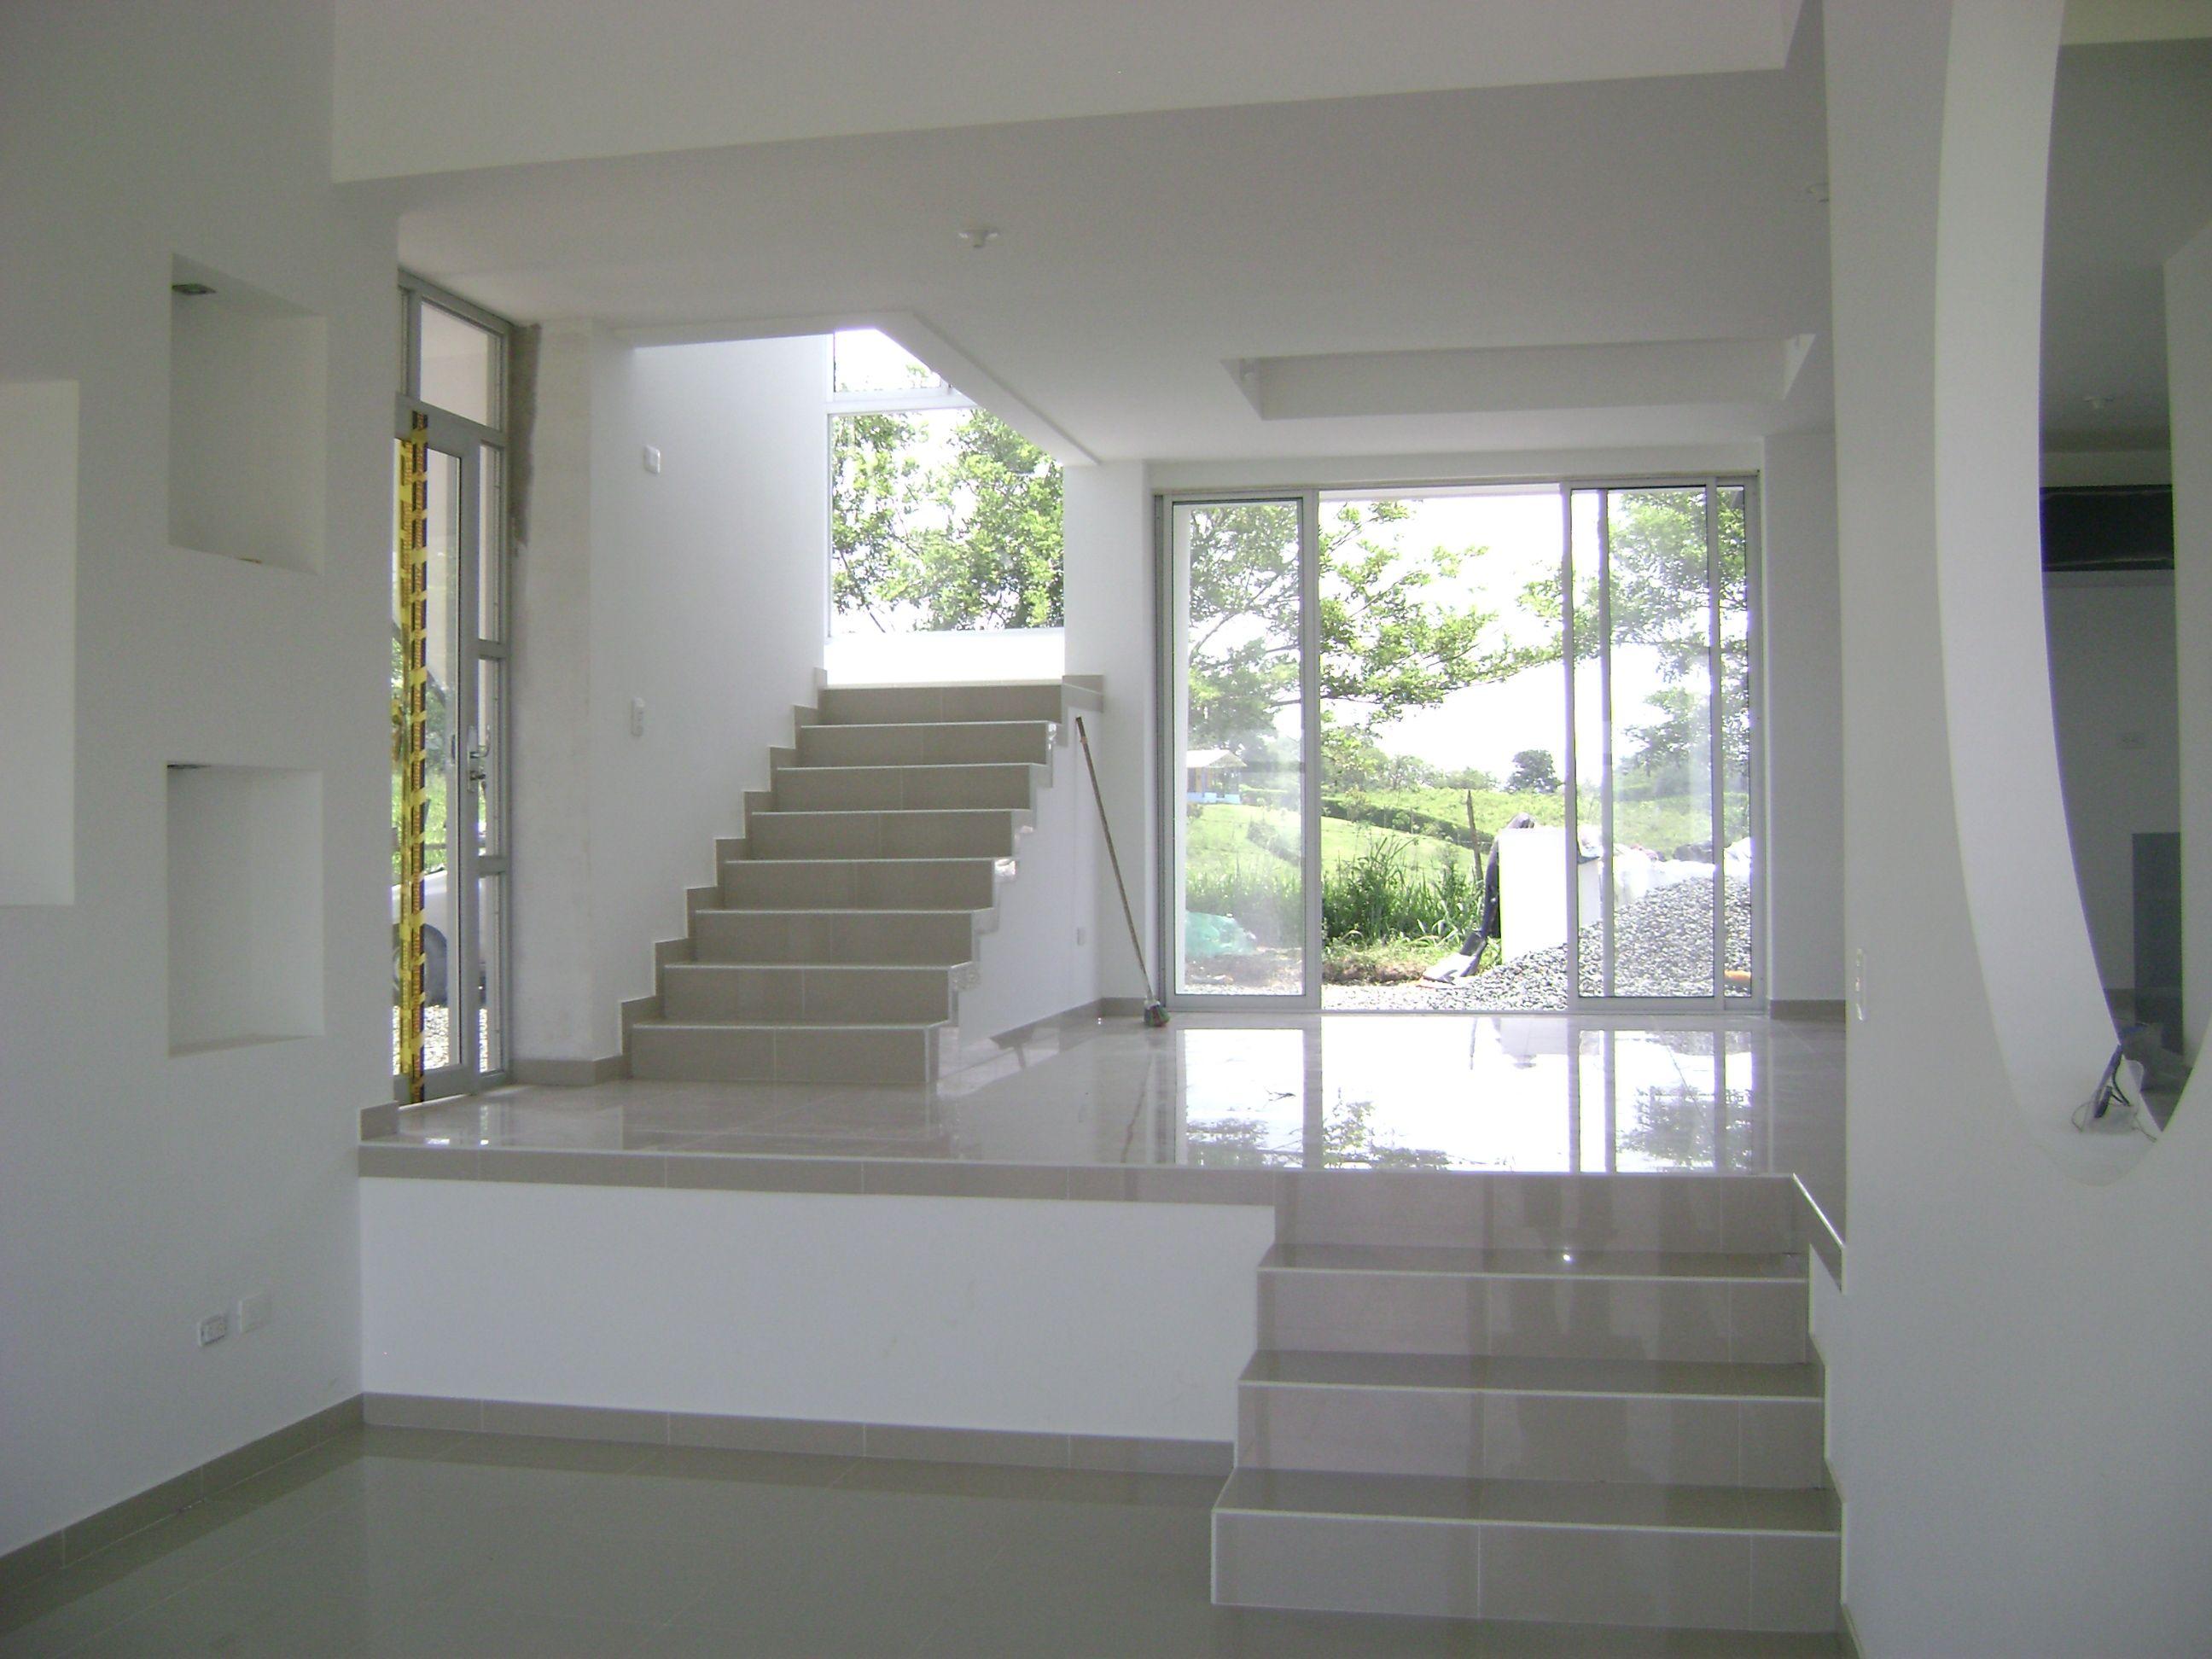 Casa daniel interior integraci n sala comedor acceso y for Escaleras de sala